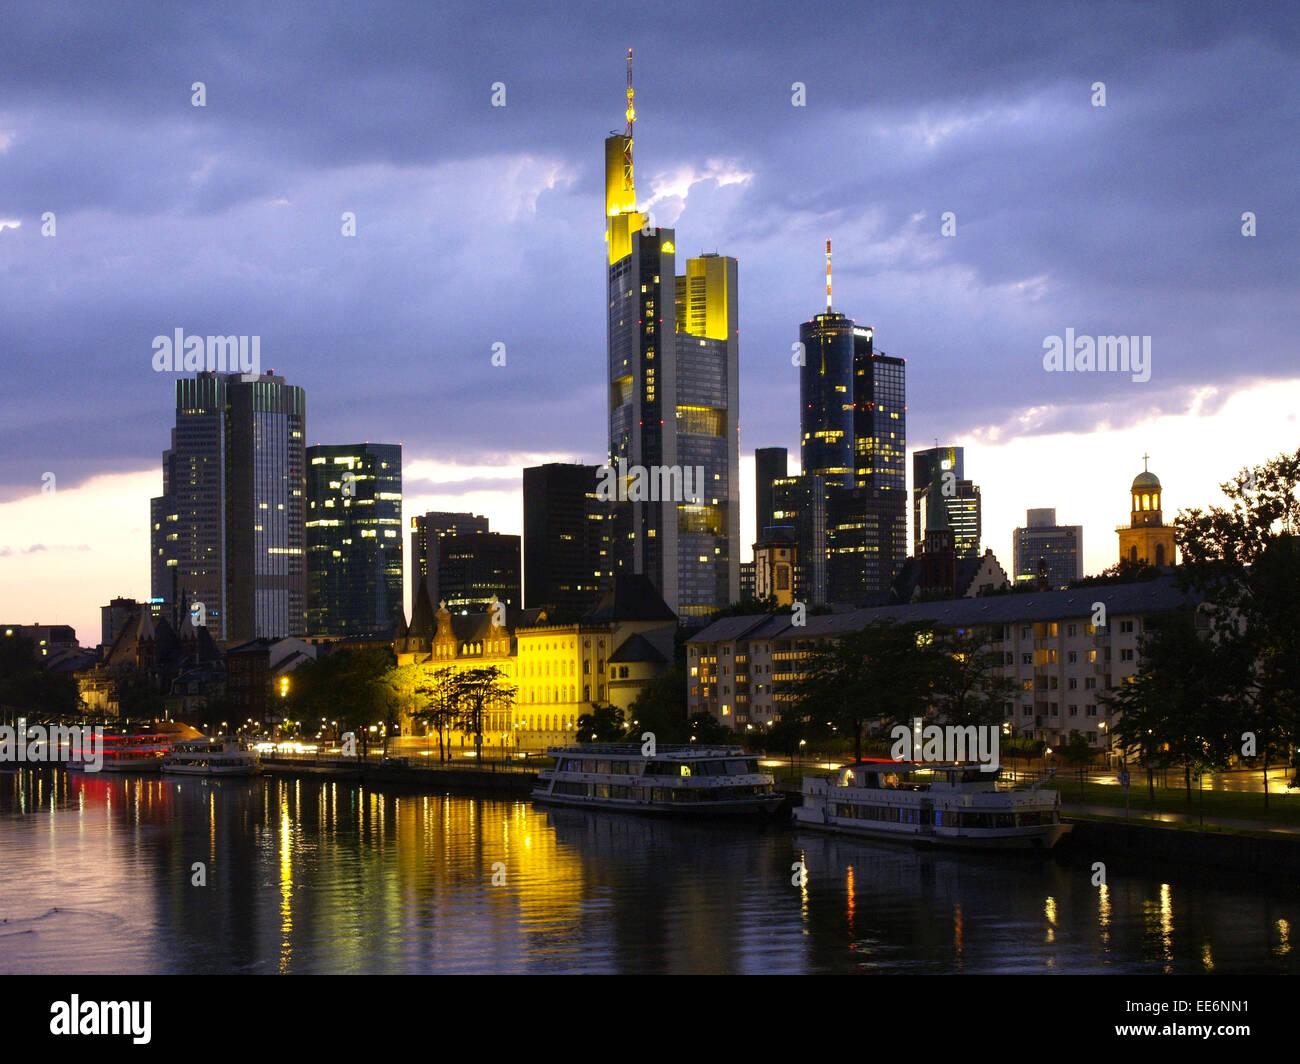 Deutschland, Hessen, Frankfurt am Main, Bankenviertel, Skyline, Beleuchtung, Abend, Europa, Grossstadt, Metropole, - Stock Image